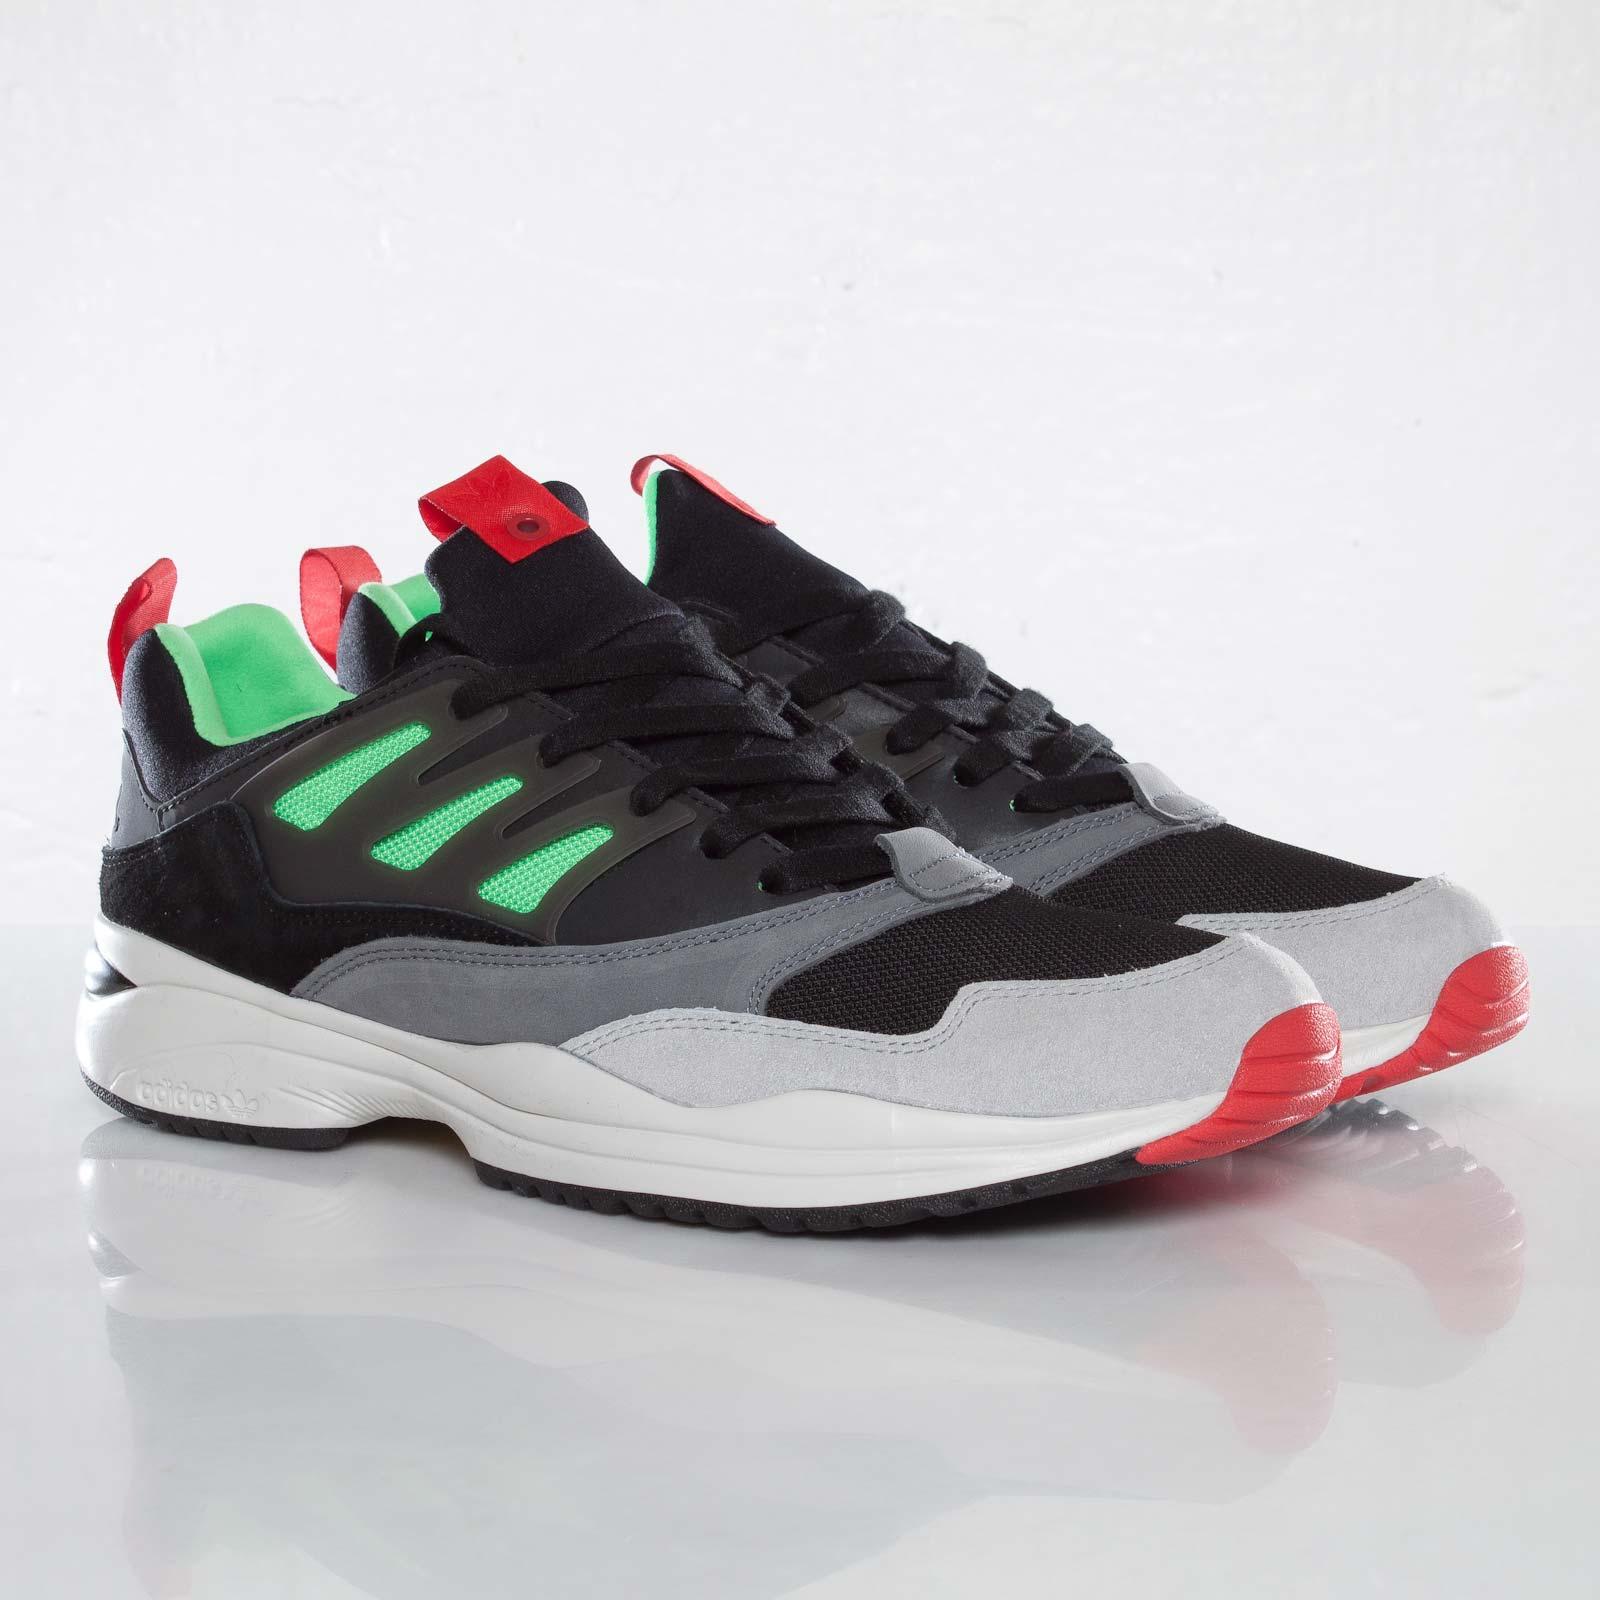 2addbaacc0be adidas Torsion Allegra - Q21368 - Sneakersnstuff